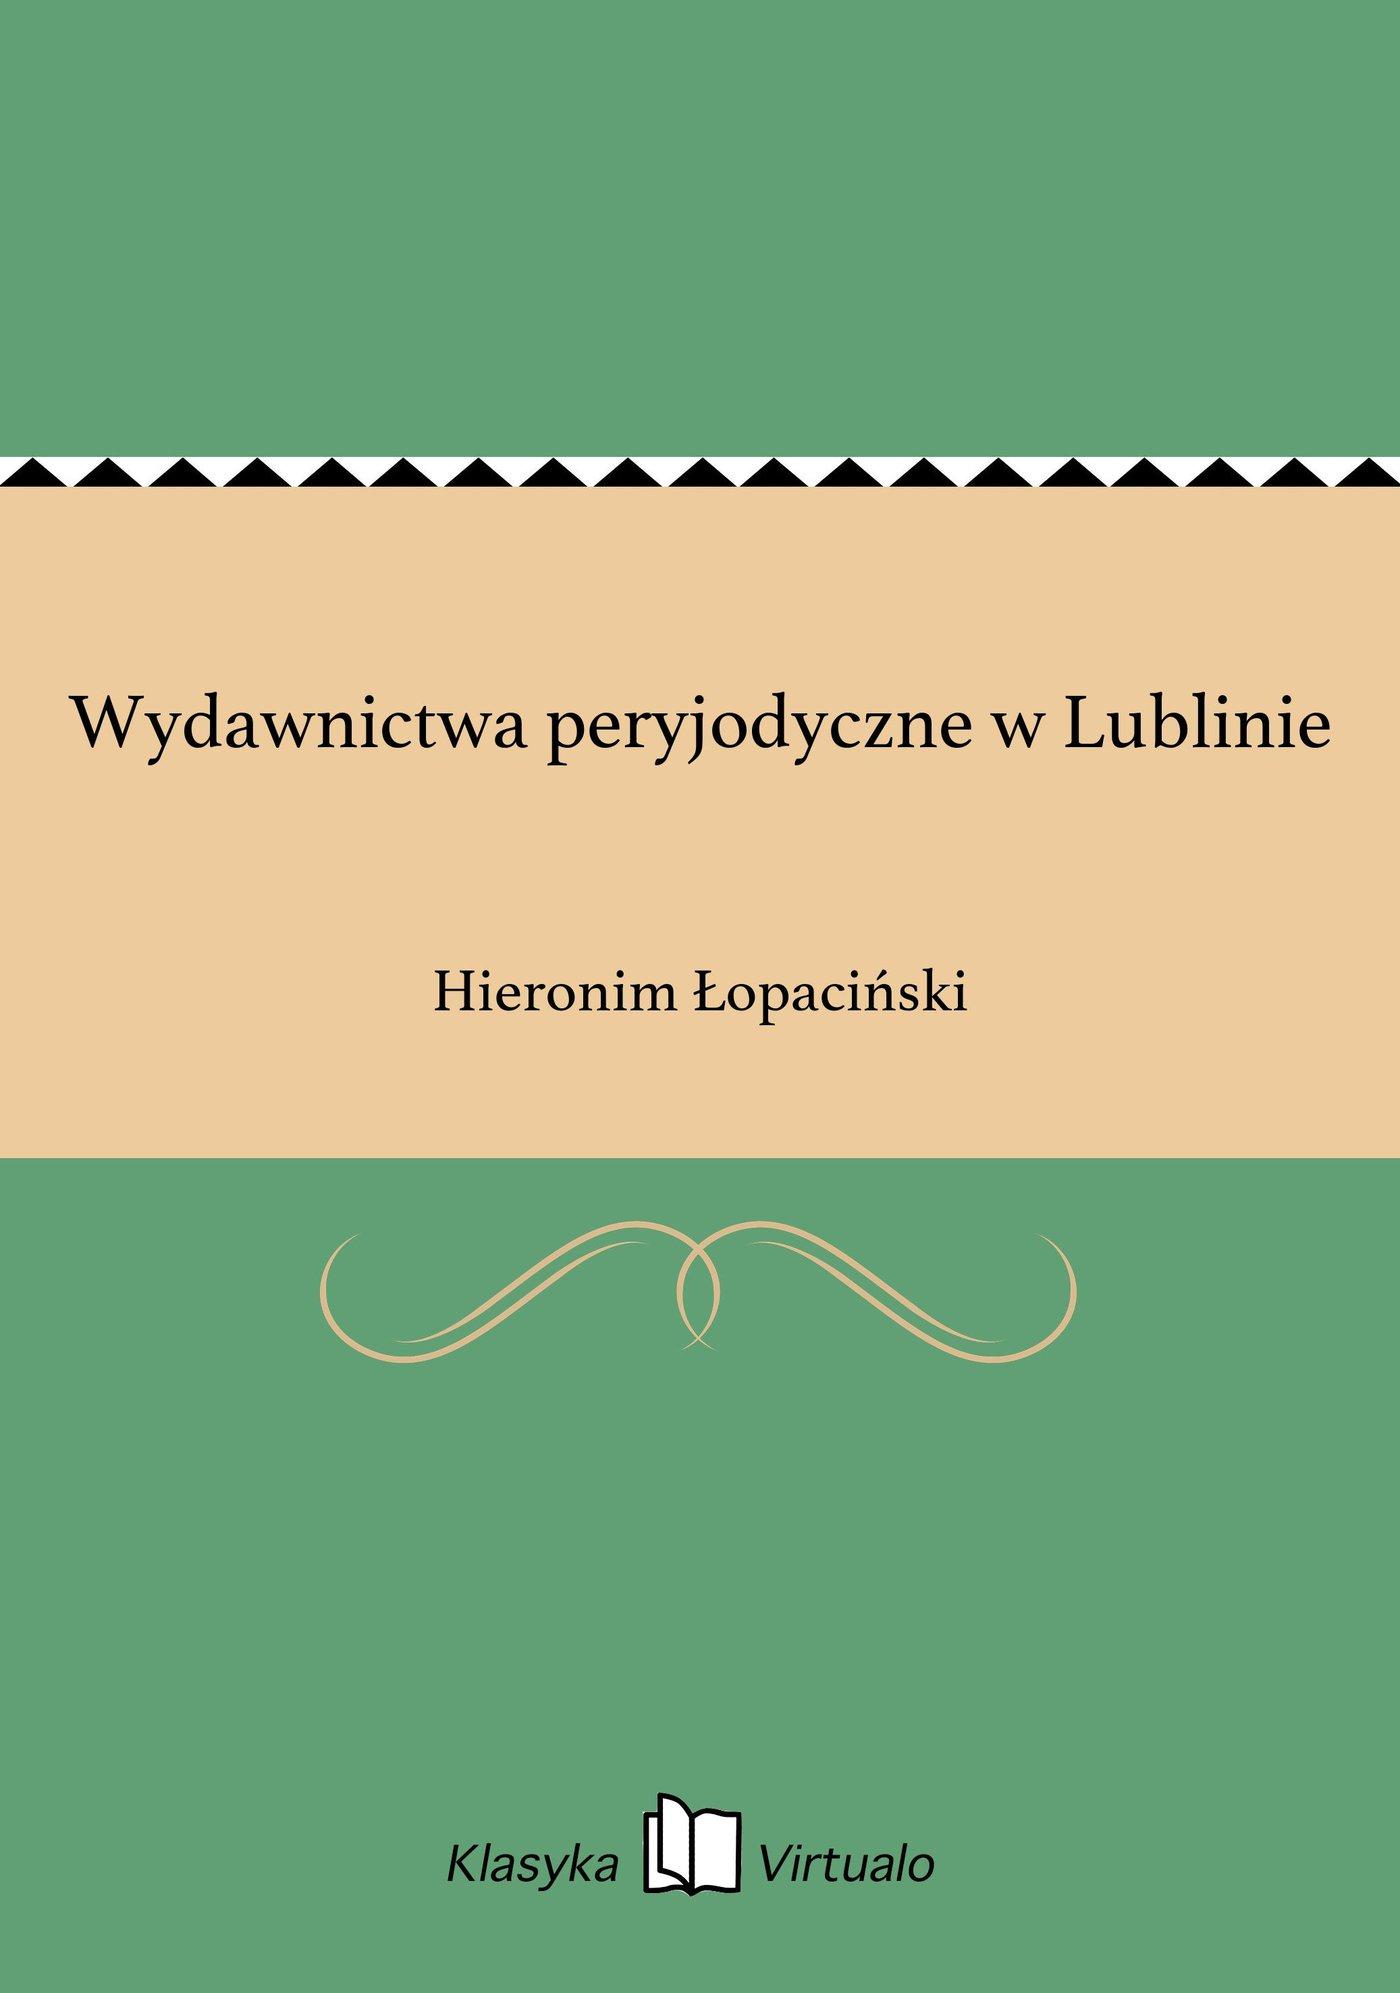 Wydawnictwa peryjodyczne w Lublinie - Ebook (Książka EPUB) do pobrania w formacie EPUB